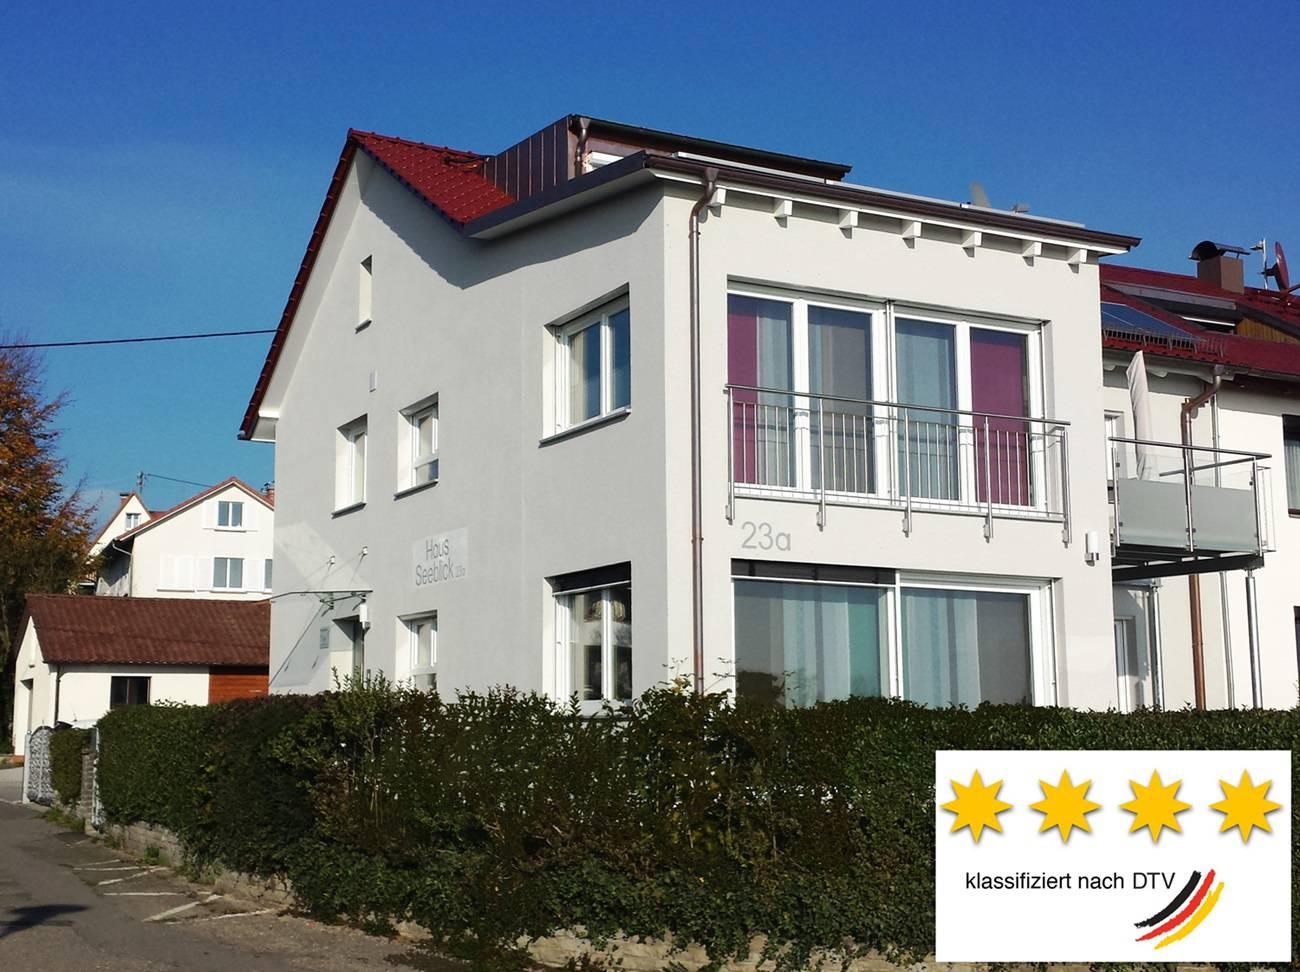 Haus Seeblick Hotel Garni Ferienwohnungen